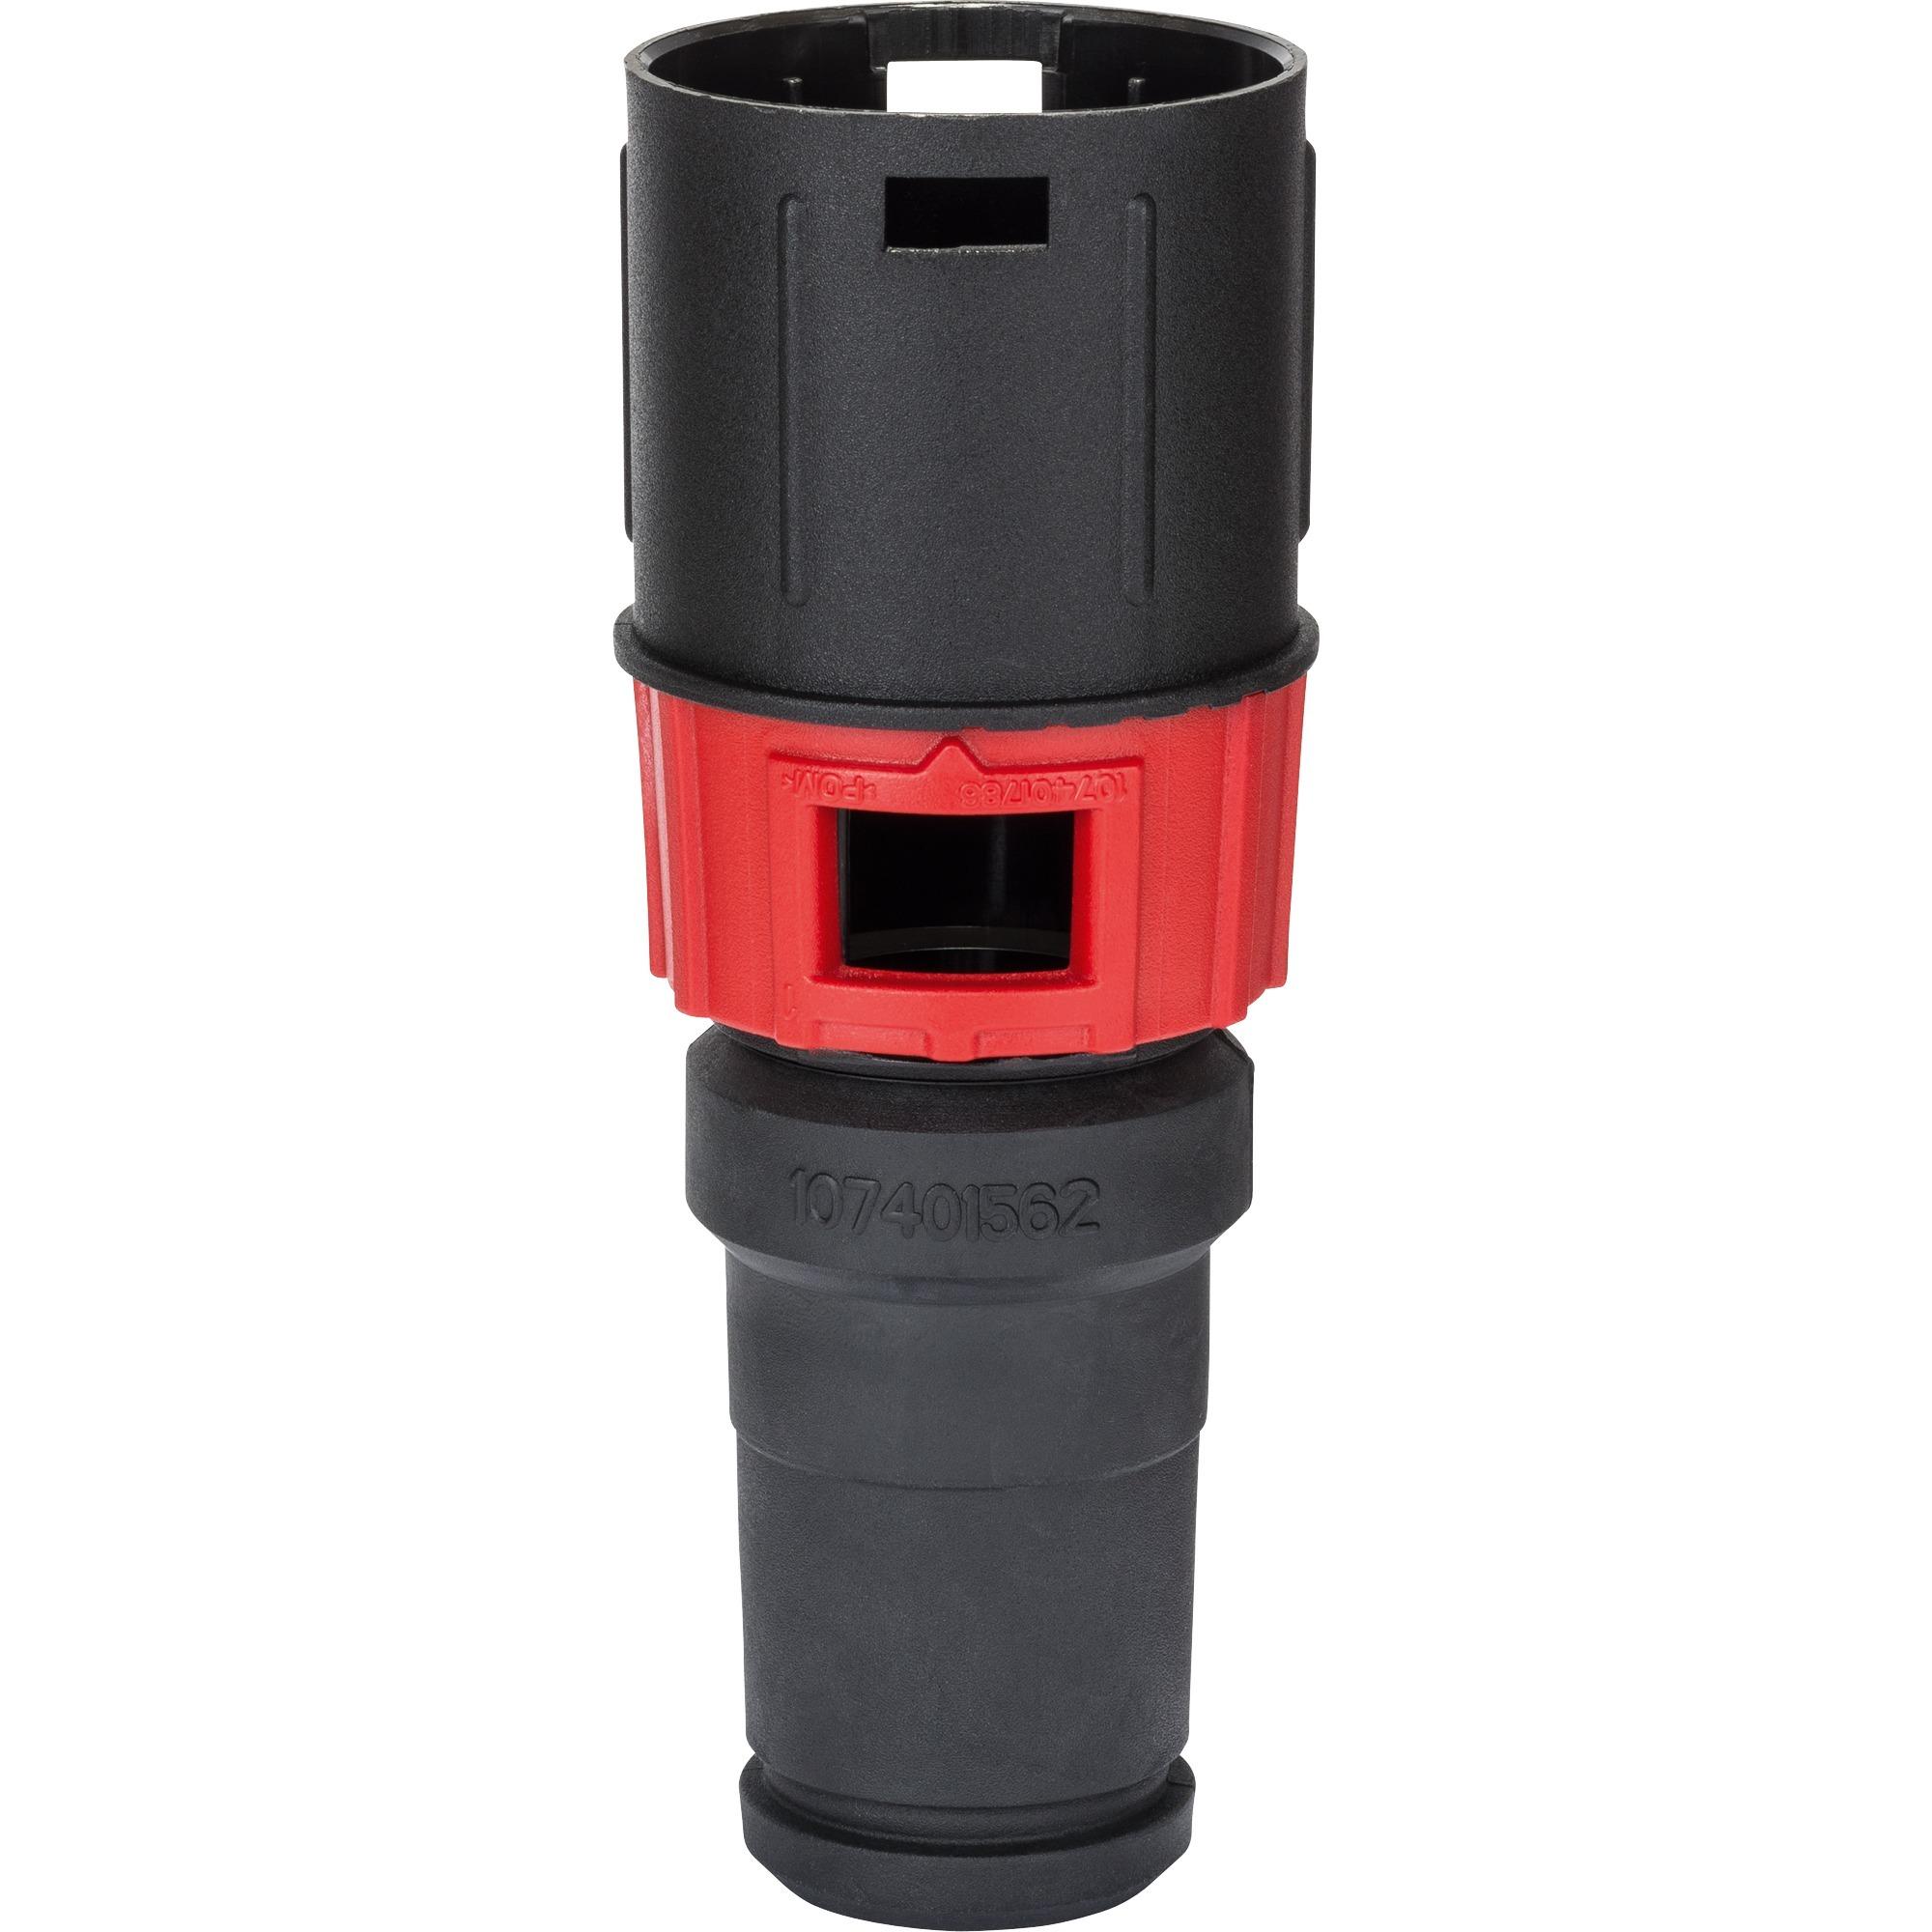 2 607 002 632 Aspiradora de tambor Adaptador de manguera accesorio y suministro de vacío